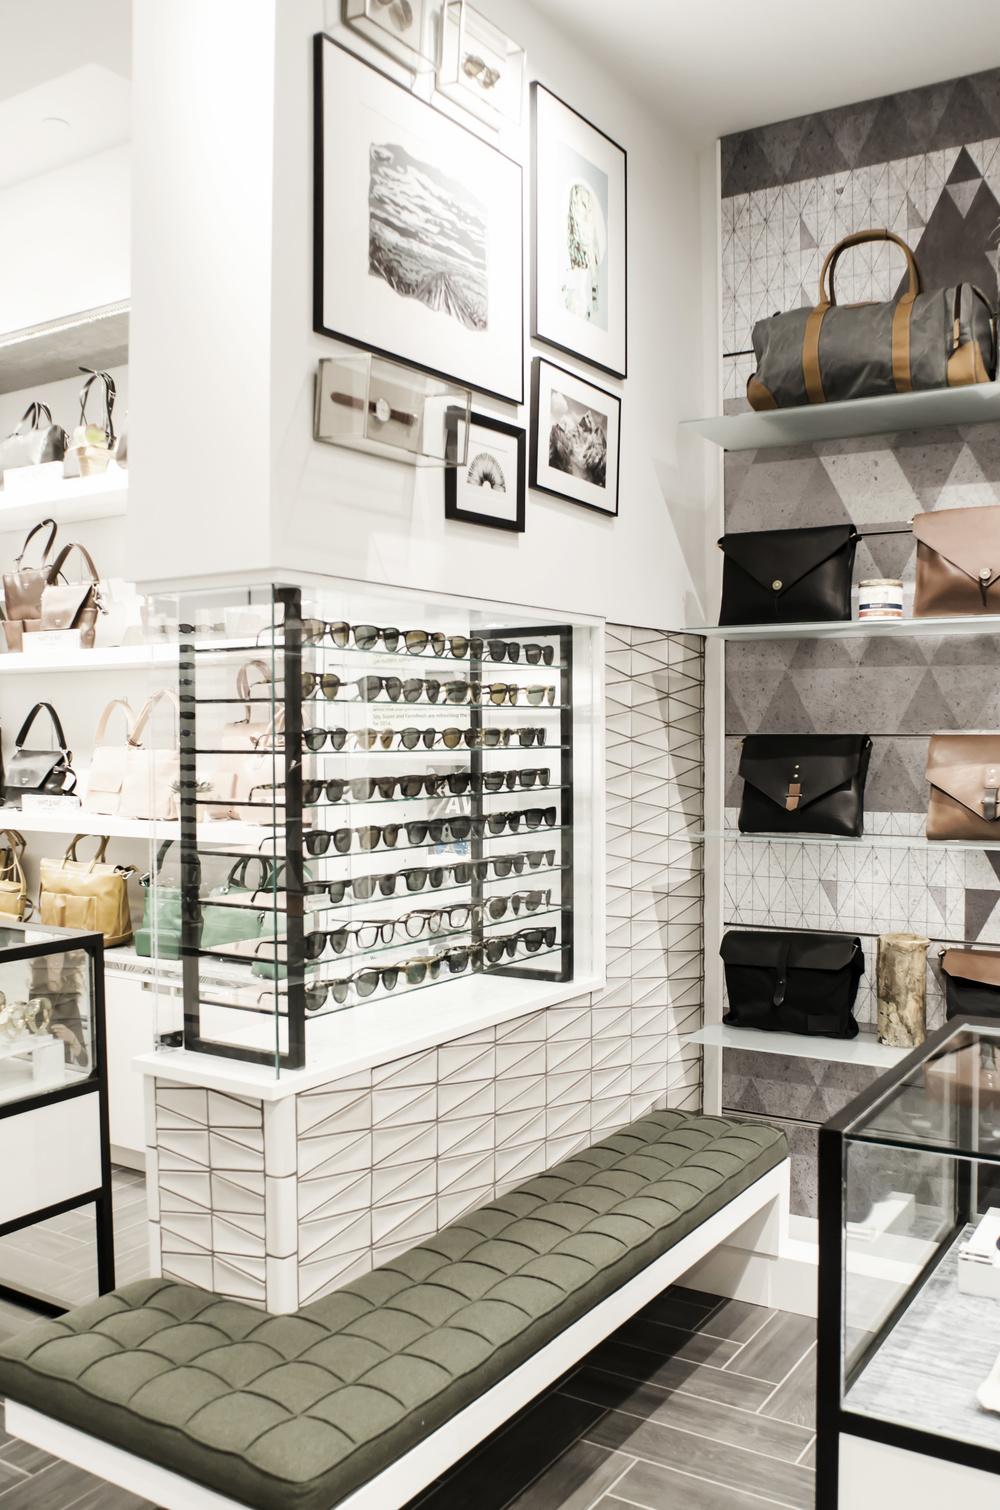 Spareparts custom merchandising displays by Cutler